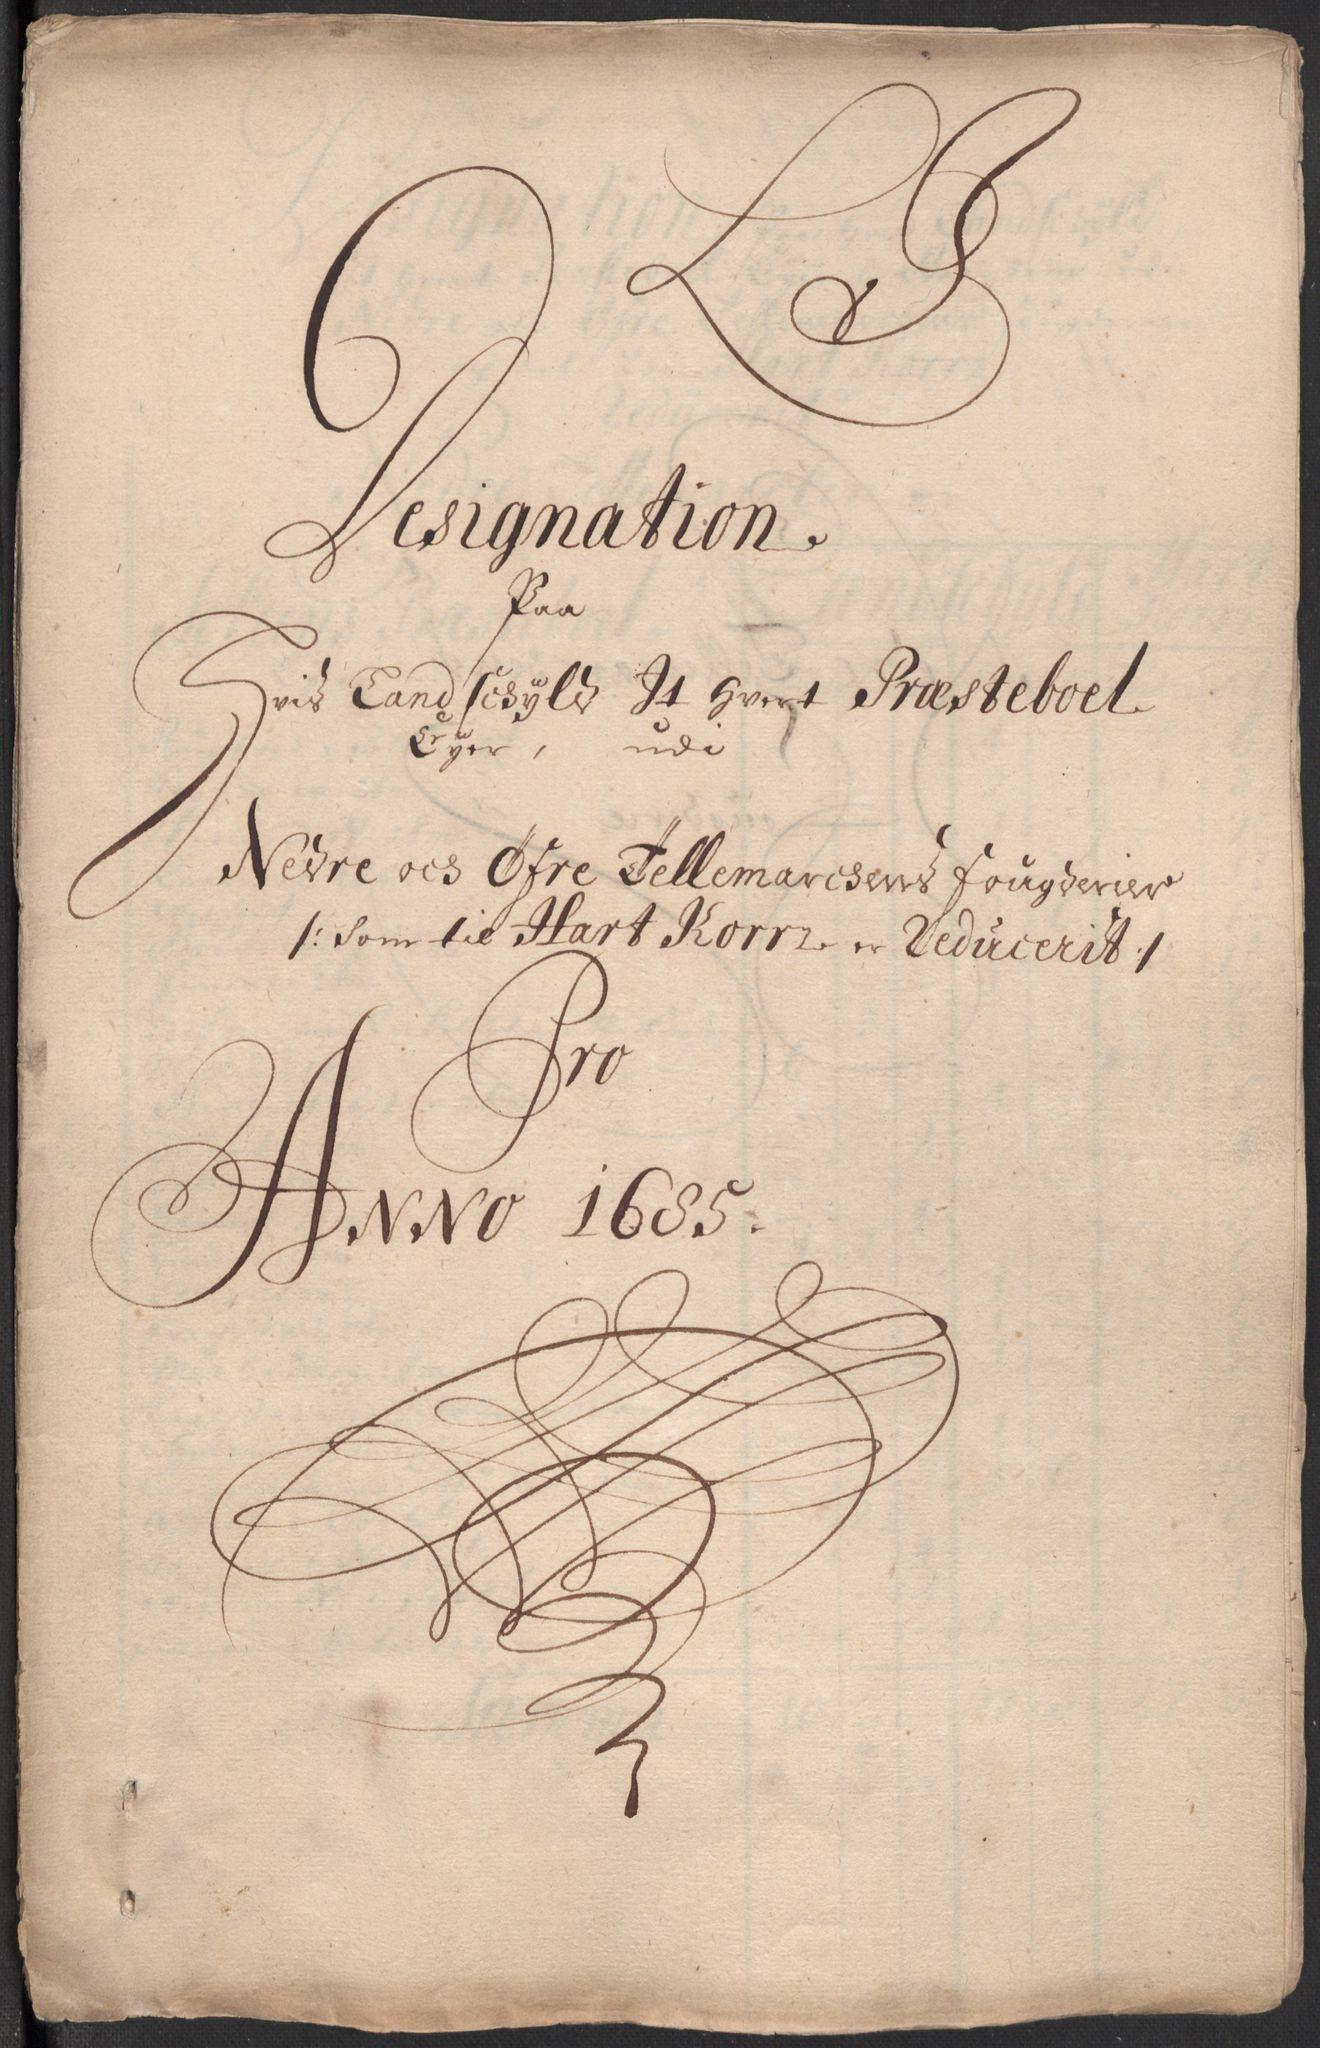 RA, Rentekammeret inntil 1814, Reviderte regnskaper, Fogderegnskap, R35/L2082: Fogderegnskap Øvre og Nedre Telemark, 1685, s. 301